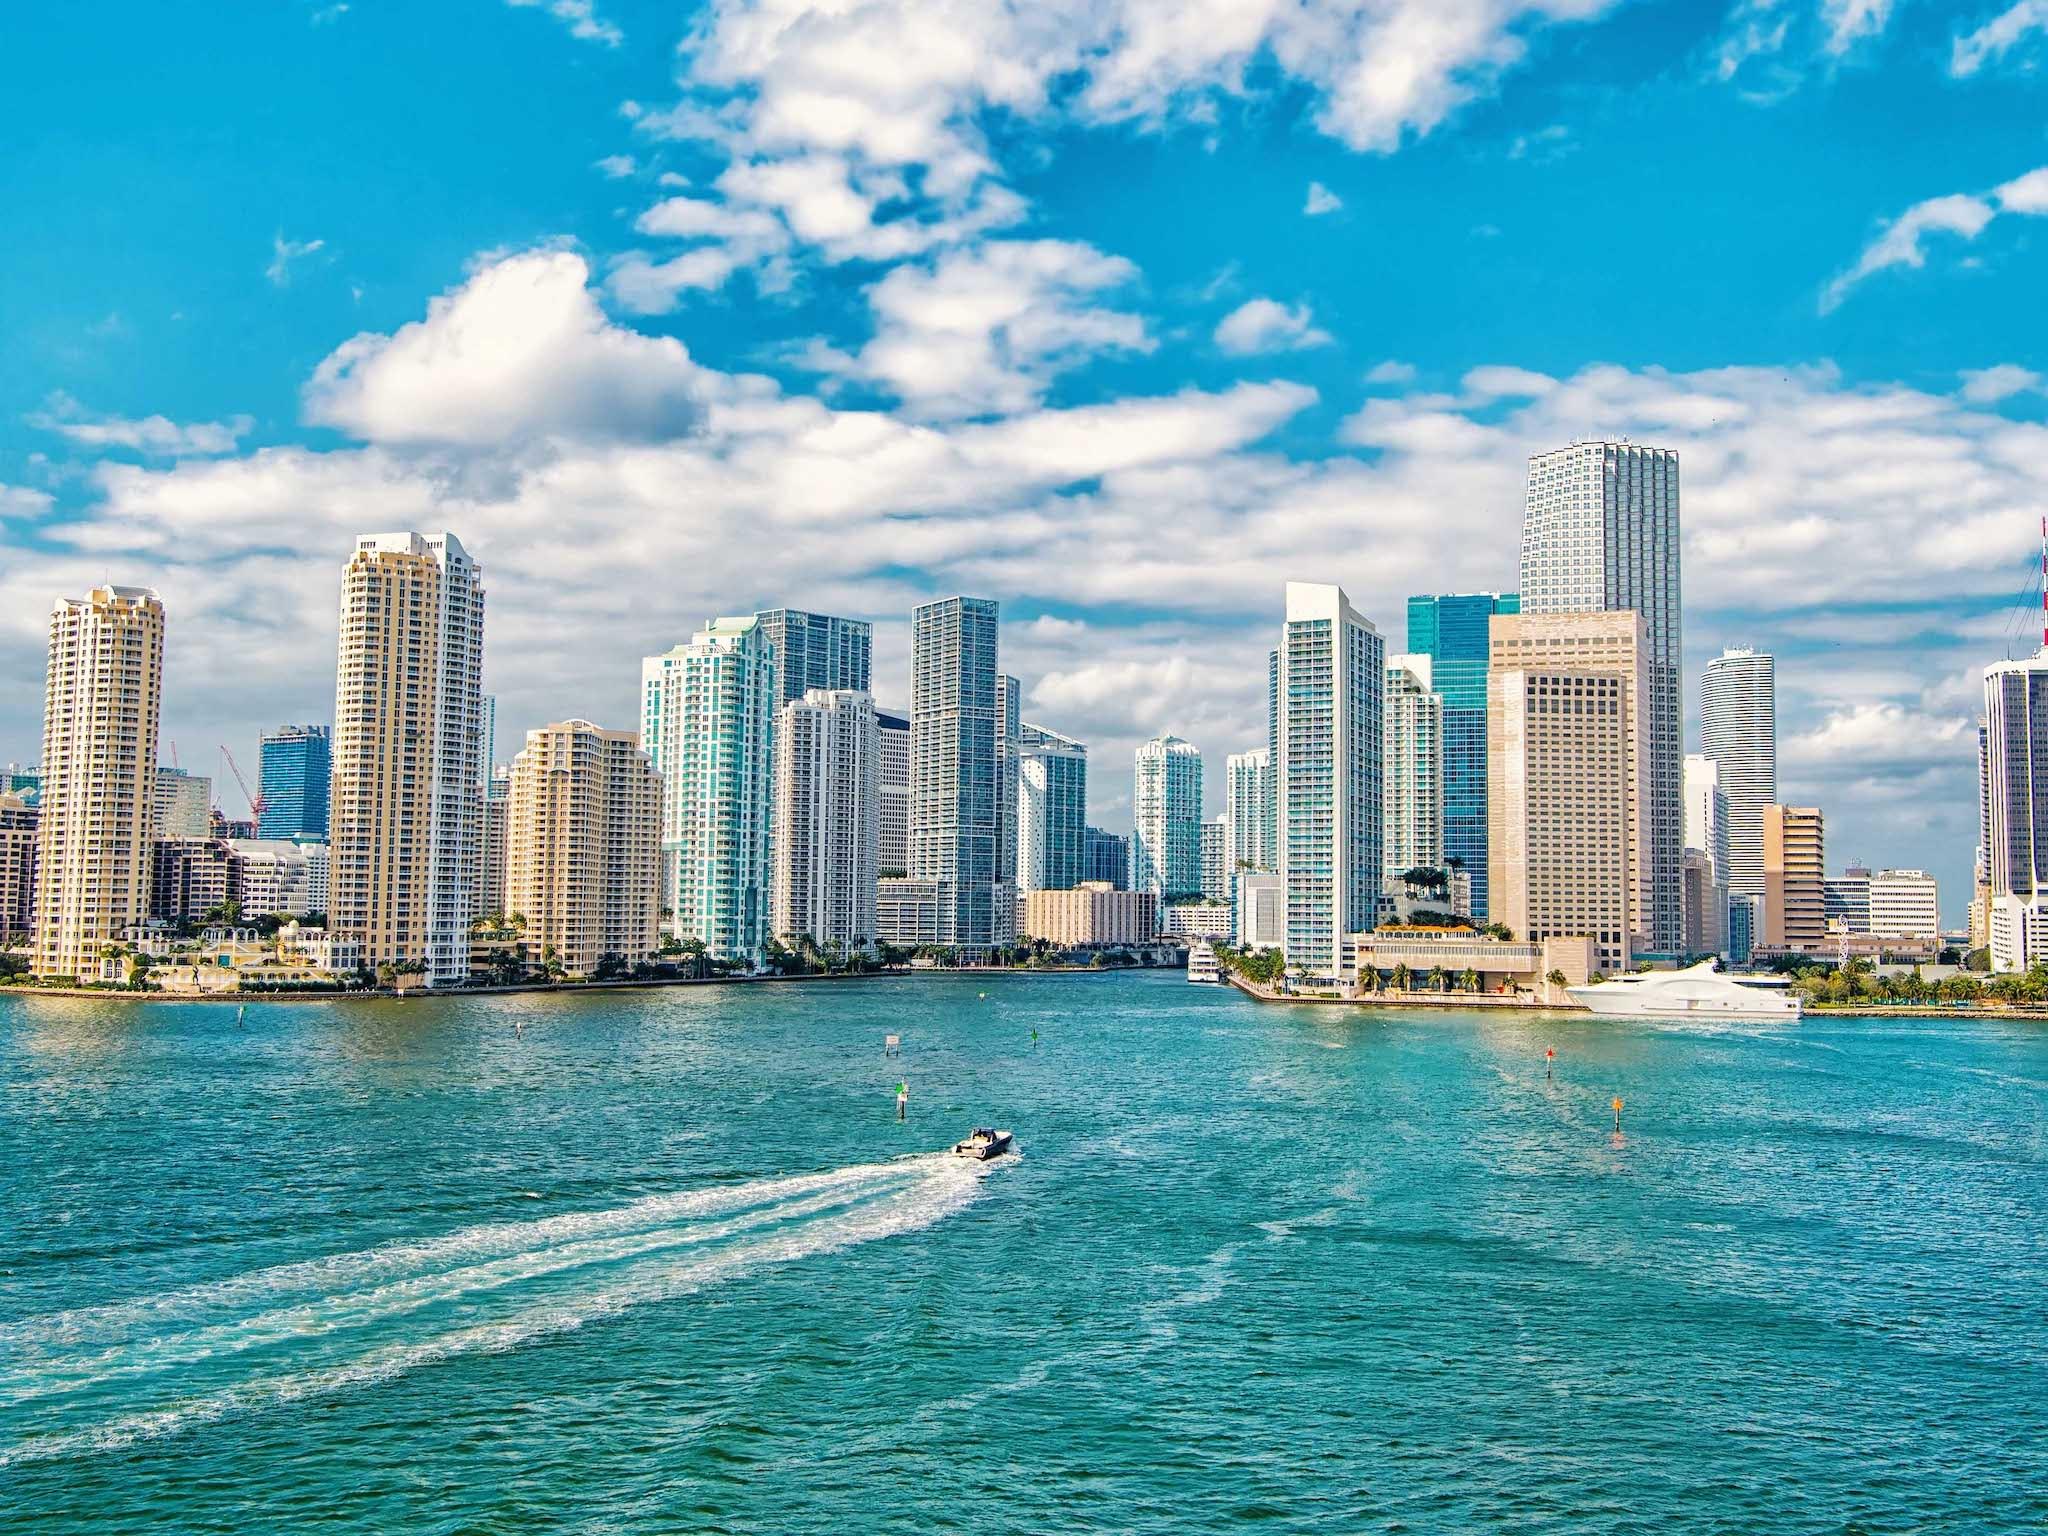 أفضل وقت لزيارة ميامي في 2022 وقائمة الاحداث السنوية في المدينة